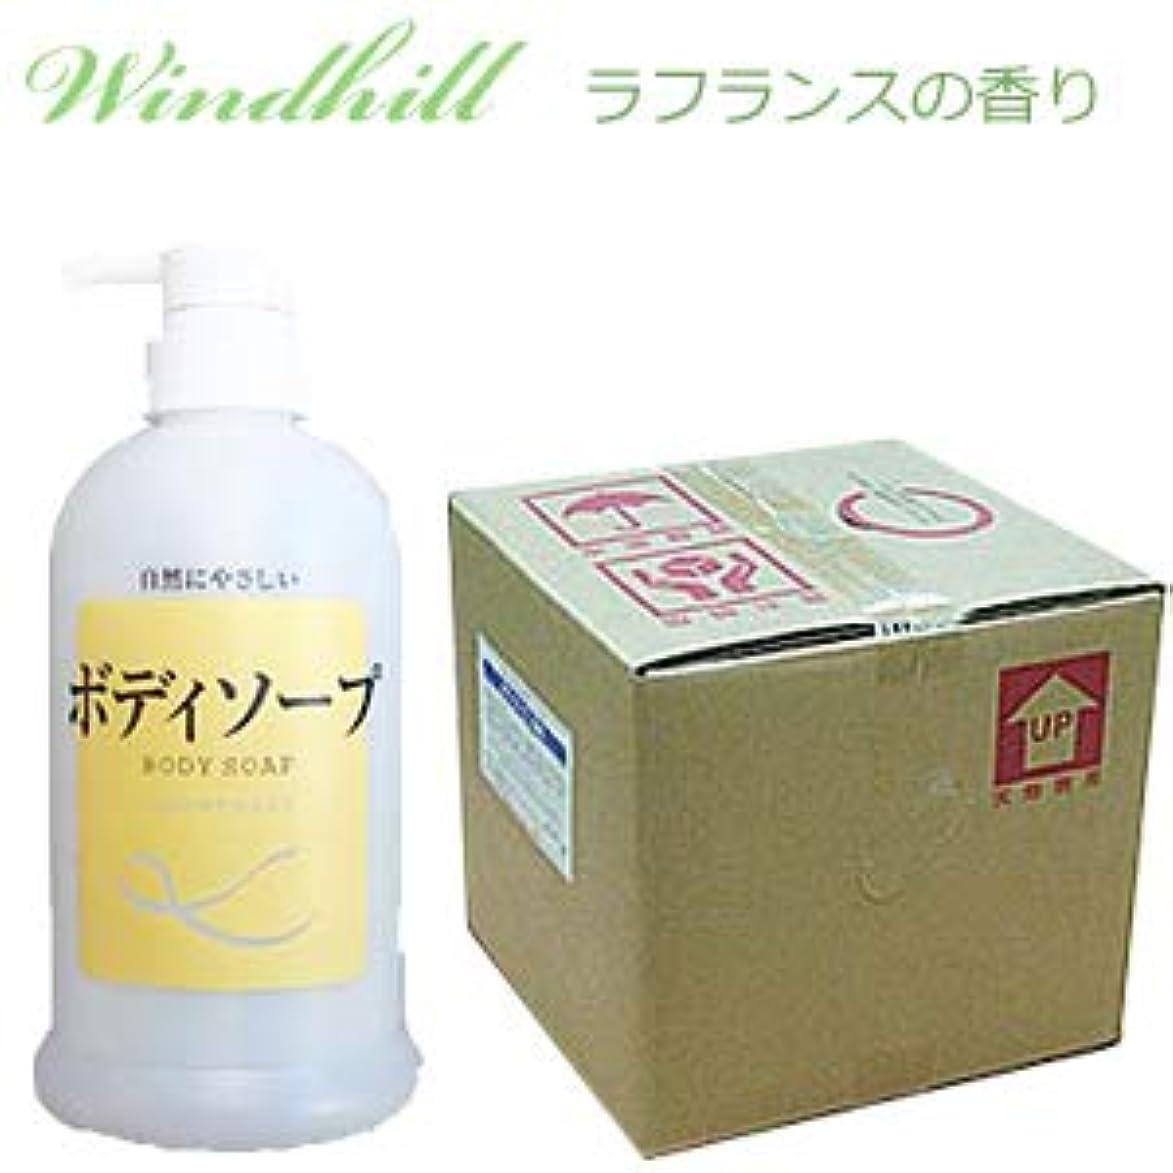 リダクターウガンダラビリンスなんと! 500ml当り173円 Windhill 植物性 業務用 ボディソープ  爽やかなラフランスの香り 20L